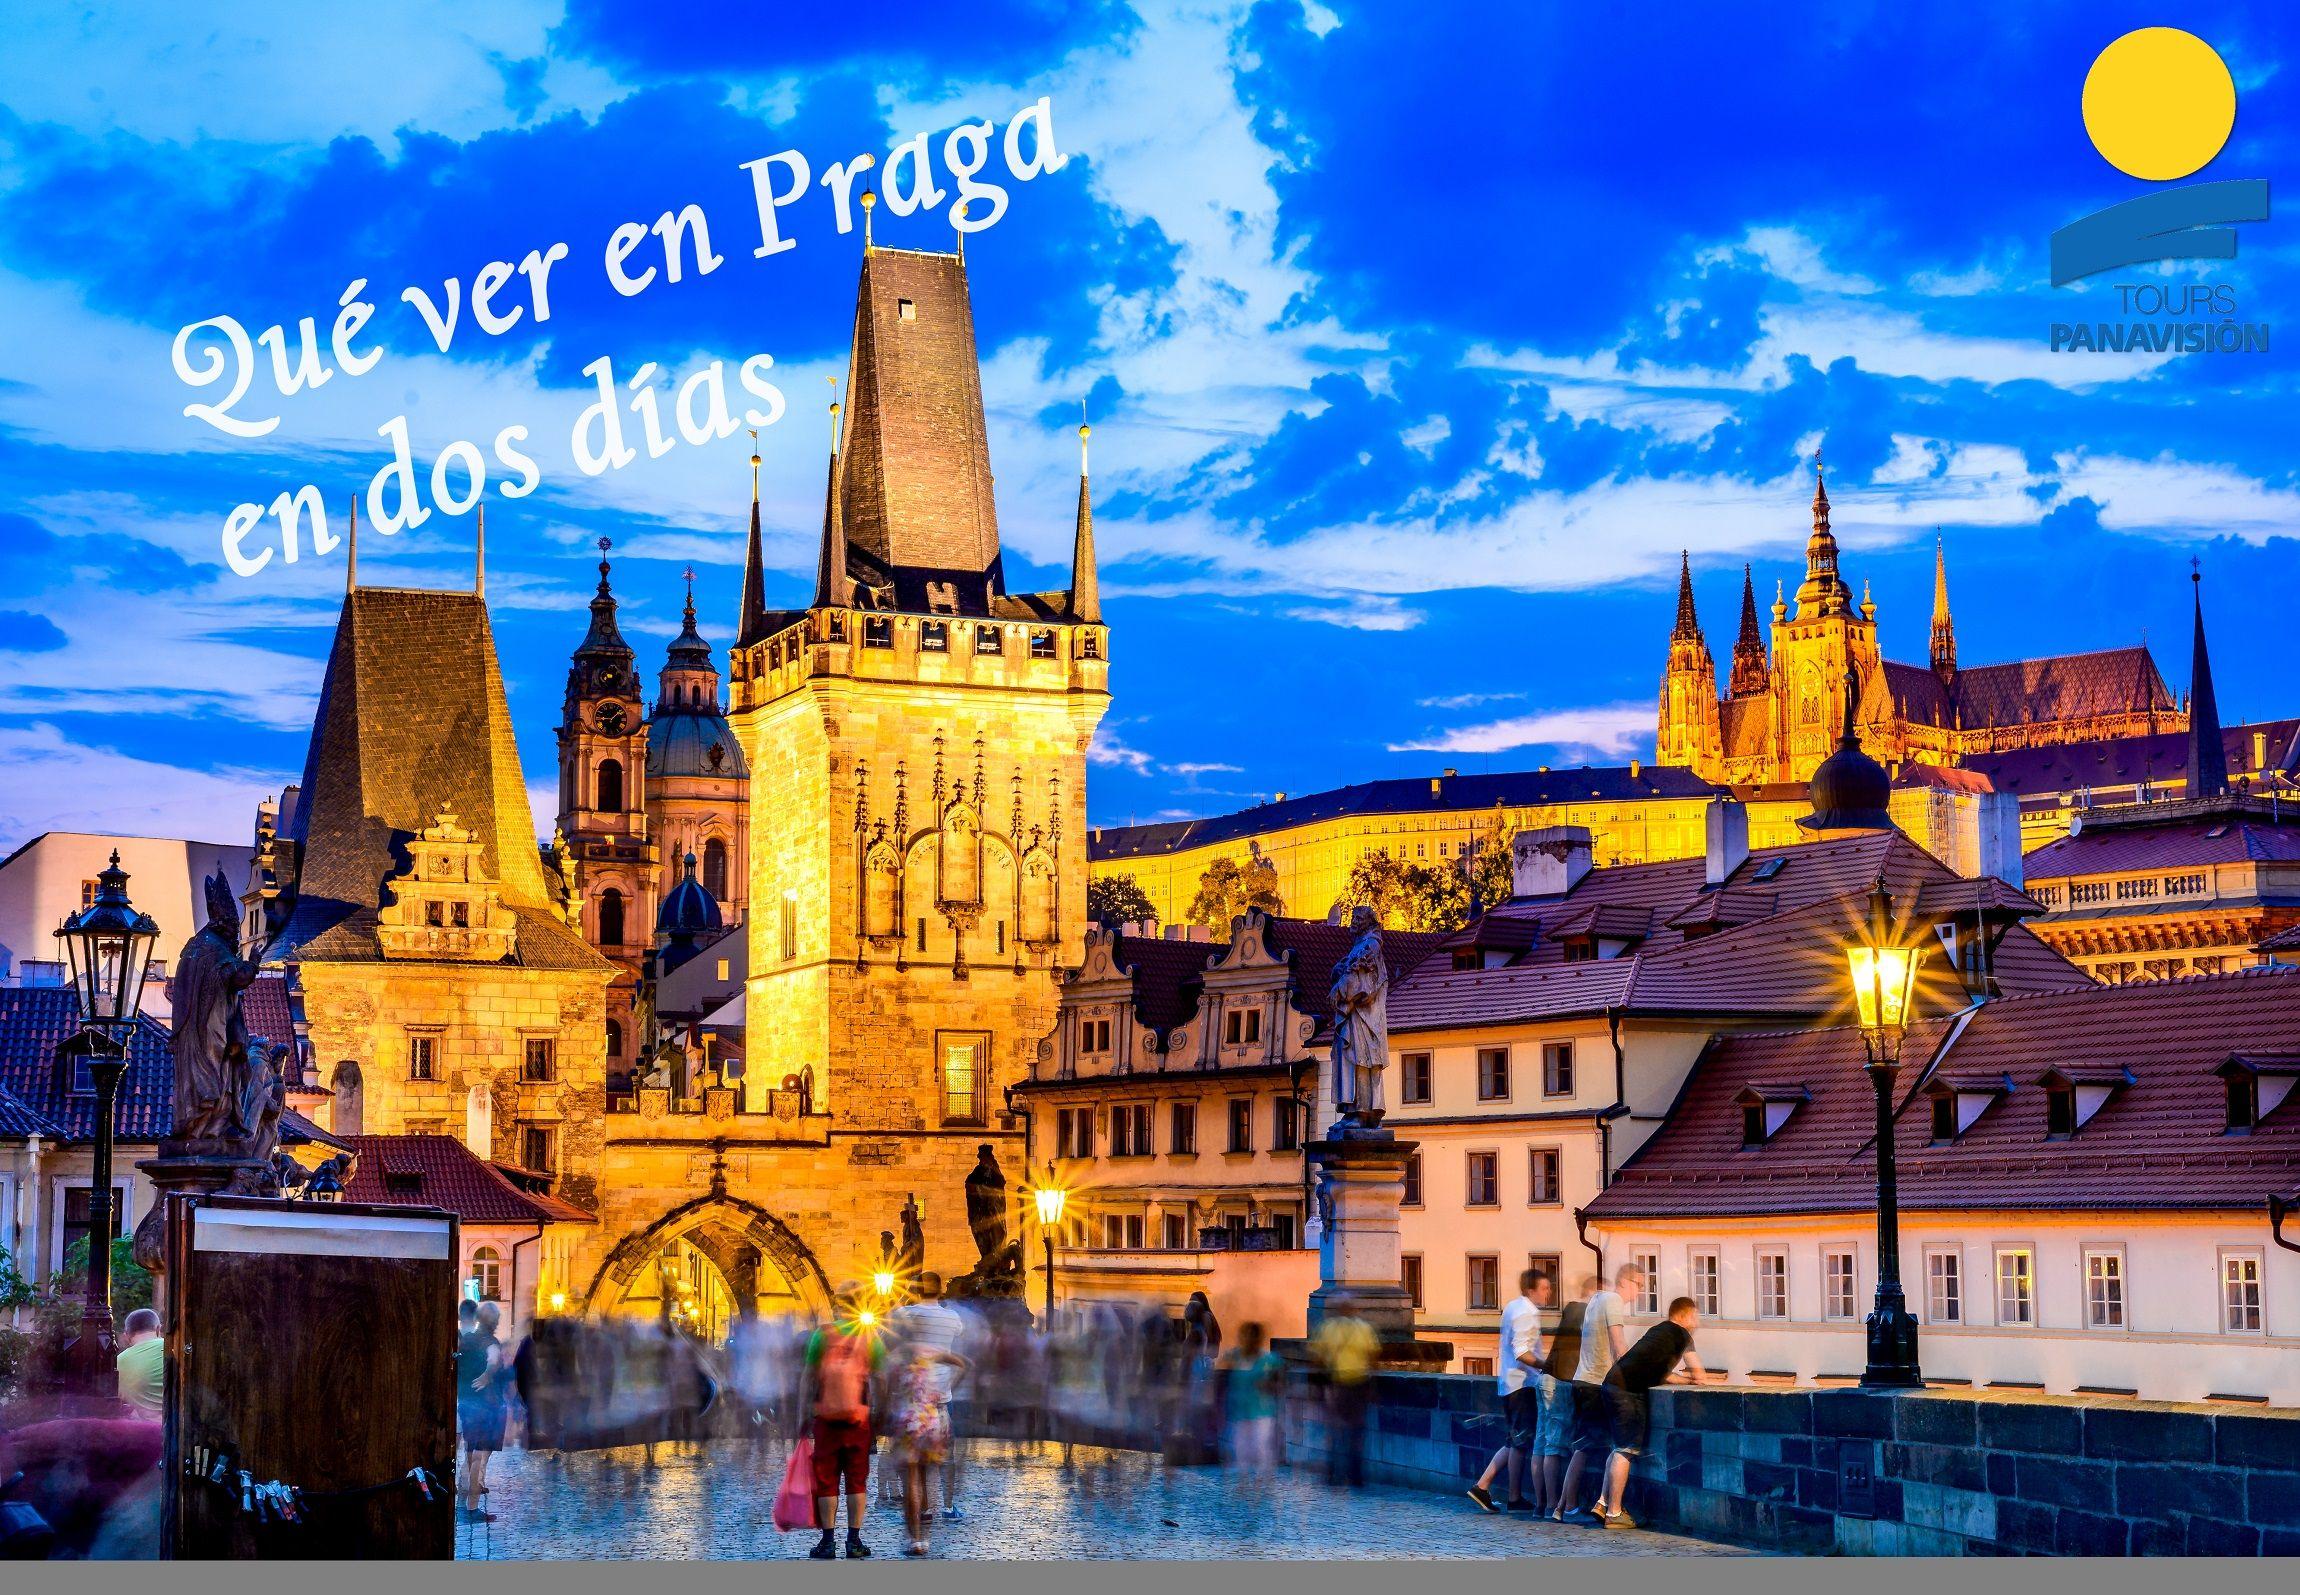 Te Recomendamos Qué Puedes Ver En Praga Si Tienes Dos Días En La Ciudad De Las Cien Torres Praga Budapest Que Ver En Praga